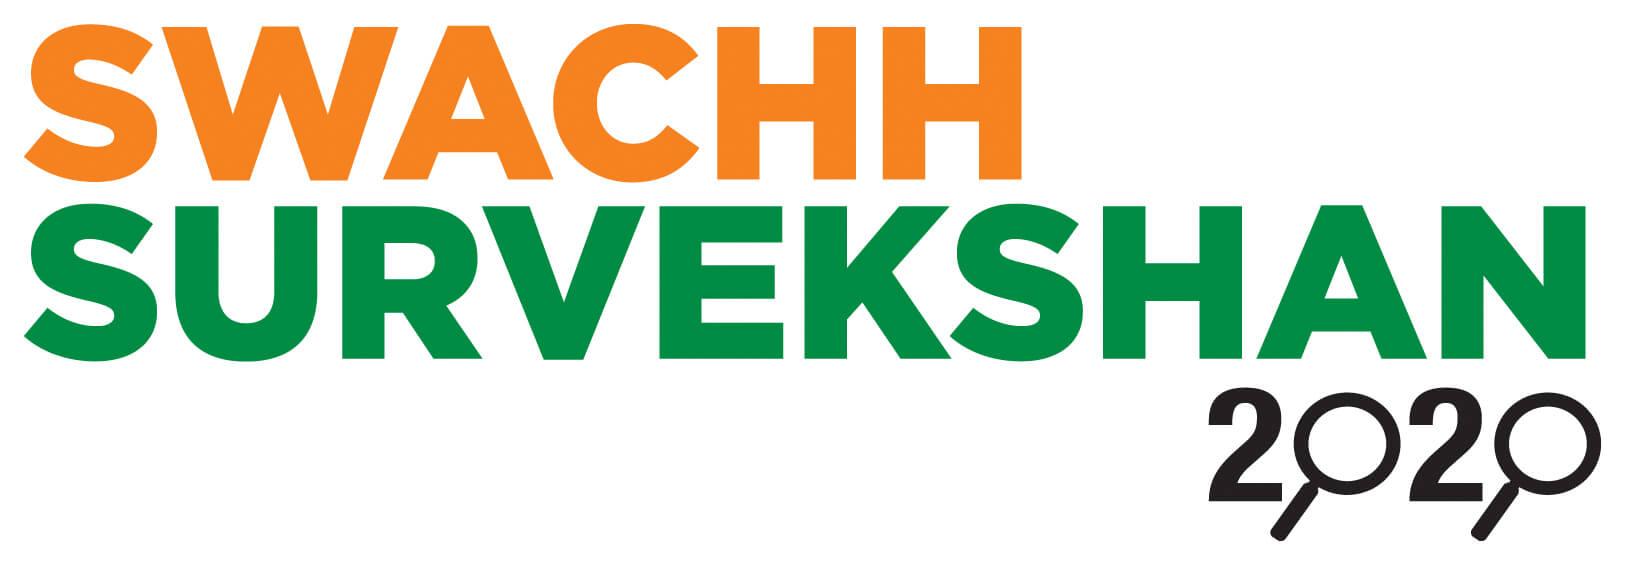 Swachh Survekshan 2020 Rankings declared